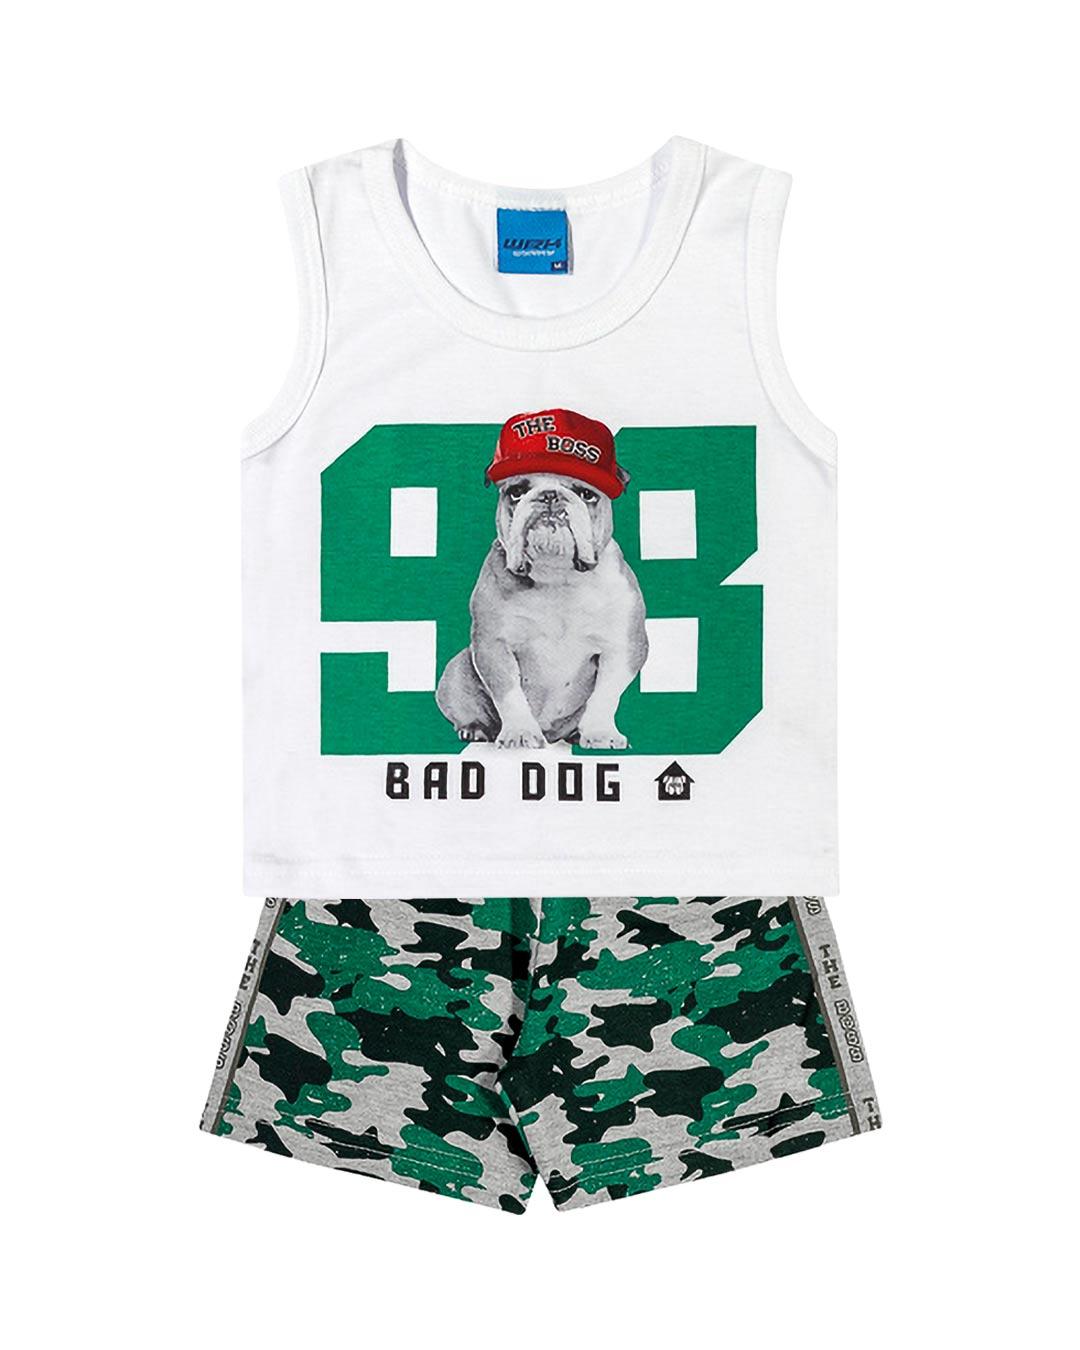 Conjunto Infantil Bad Dog - WRK